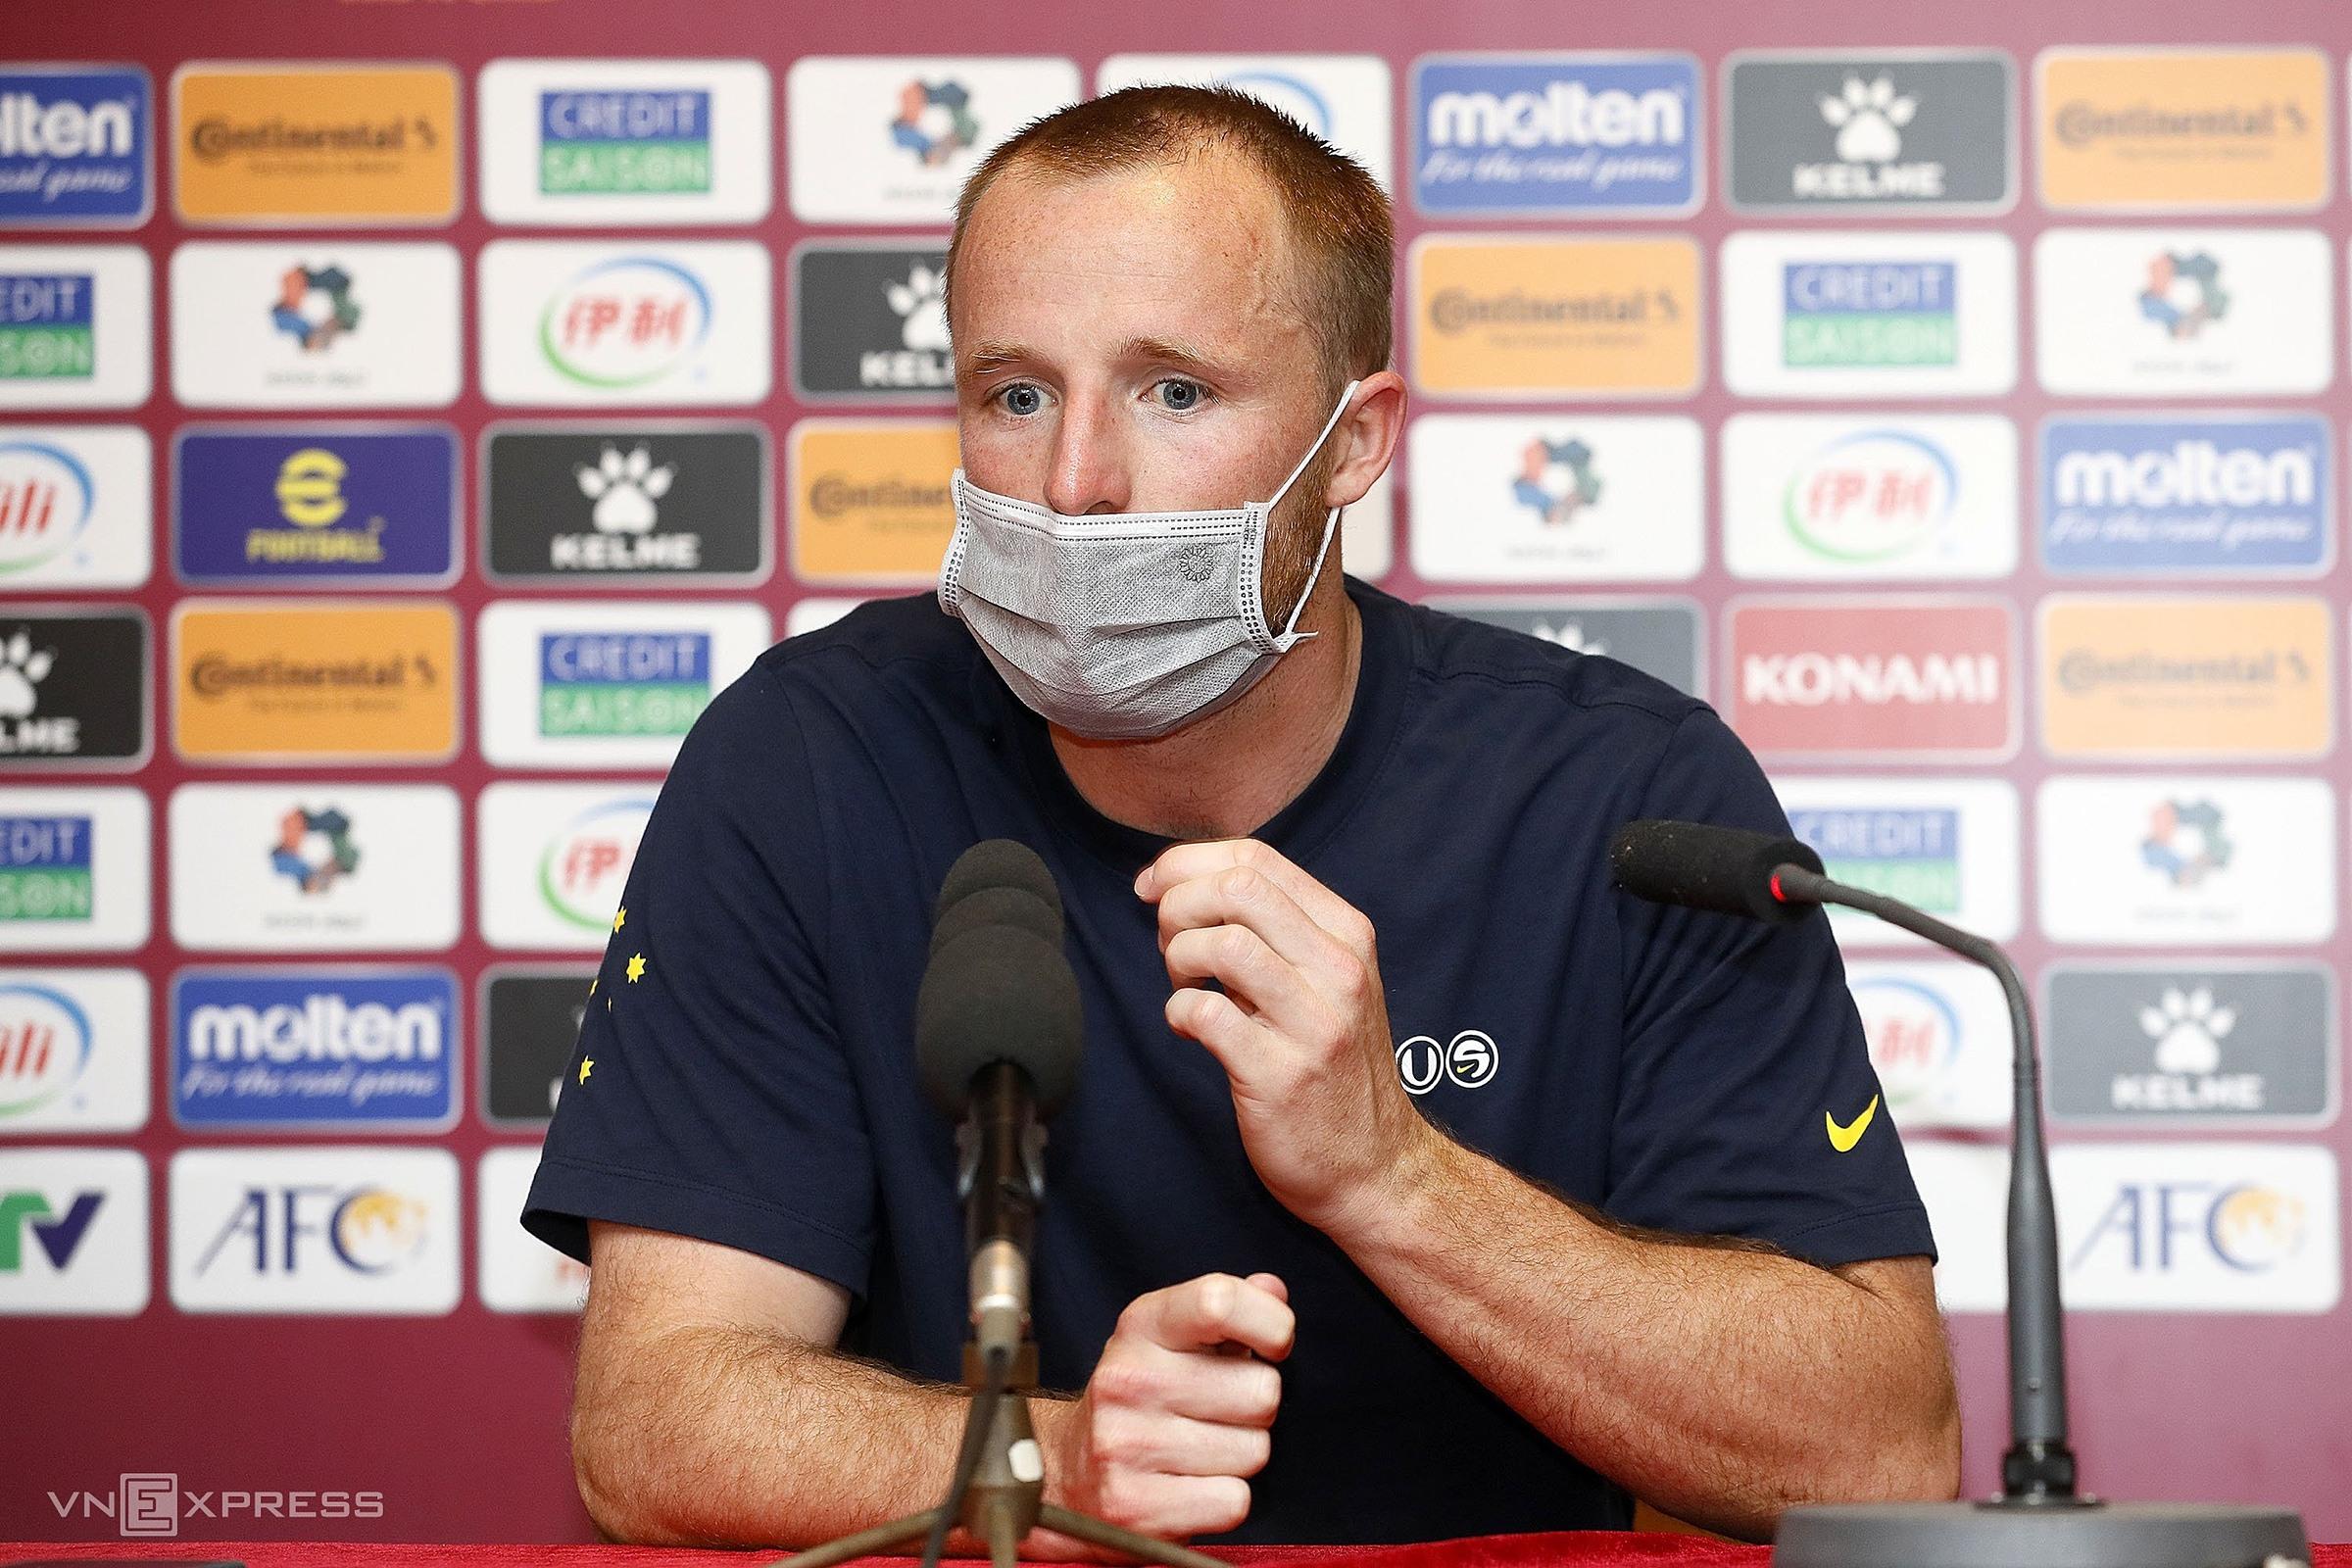 Grant, trong cuộc họp báo sau trận, mô tả lại tình huống khiến anh thót tim khi trọng tài dừng trận đấu để tham khảo VAR. Ảnh: Lâm Thoả